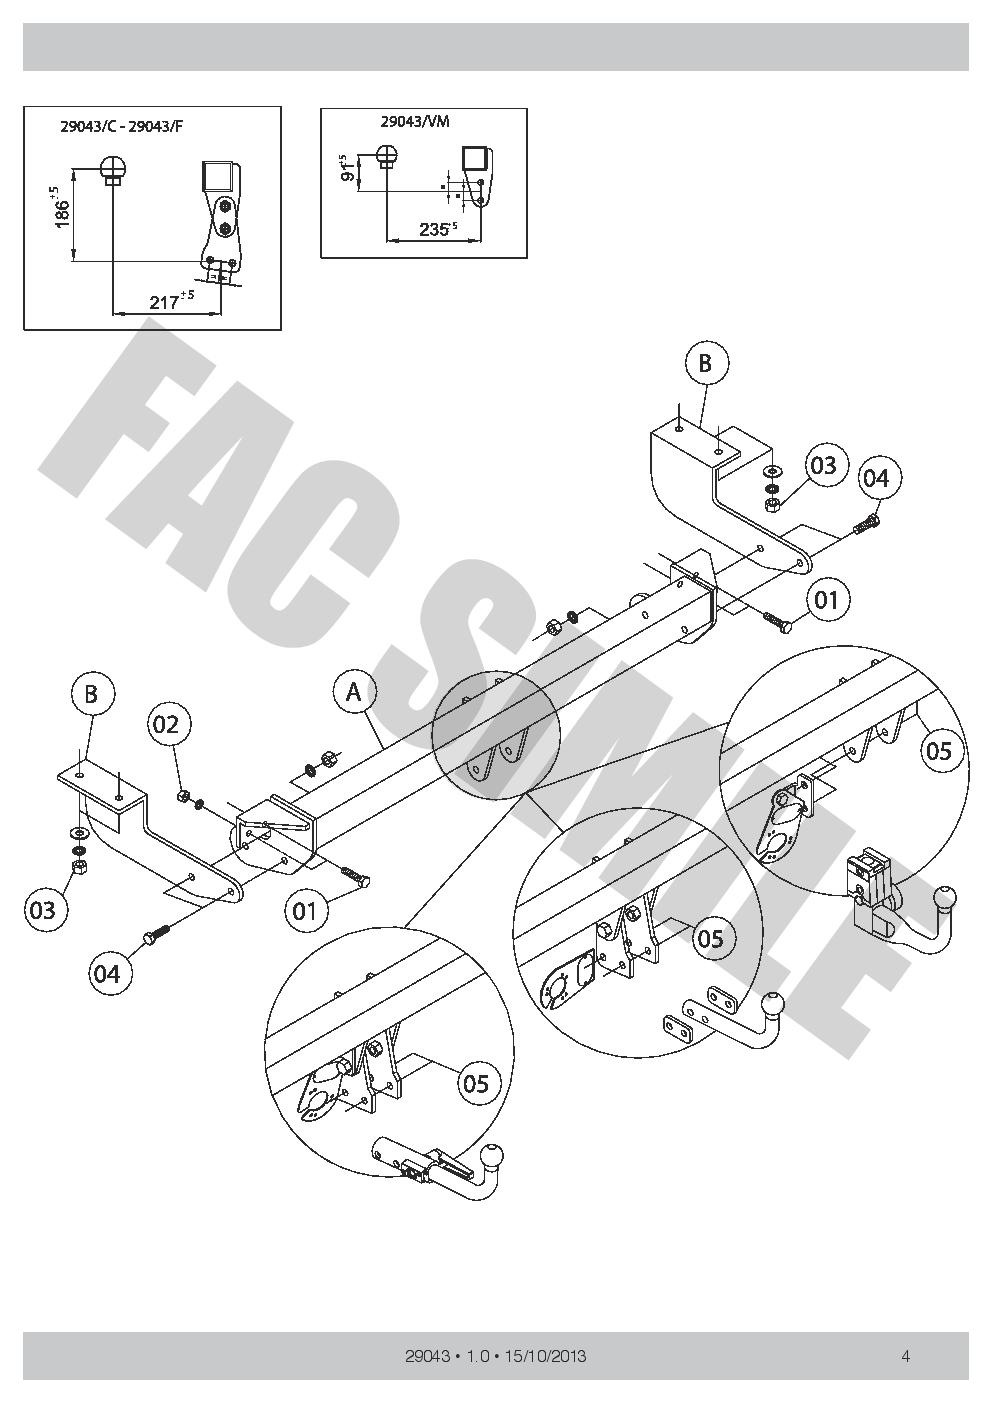 Attelage Démont 7 Br relais dériv pour Peugeot 308 HAYON 3-5p 08-13 29043//C/_B4